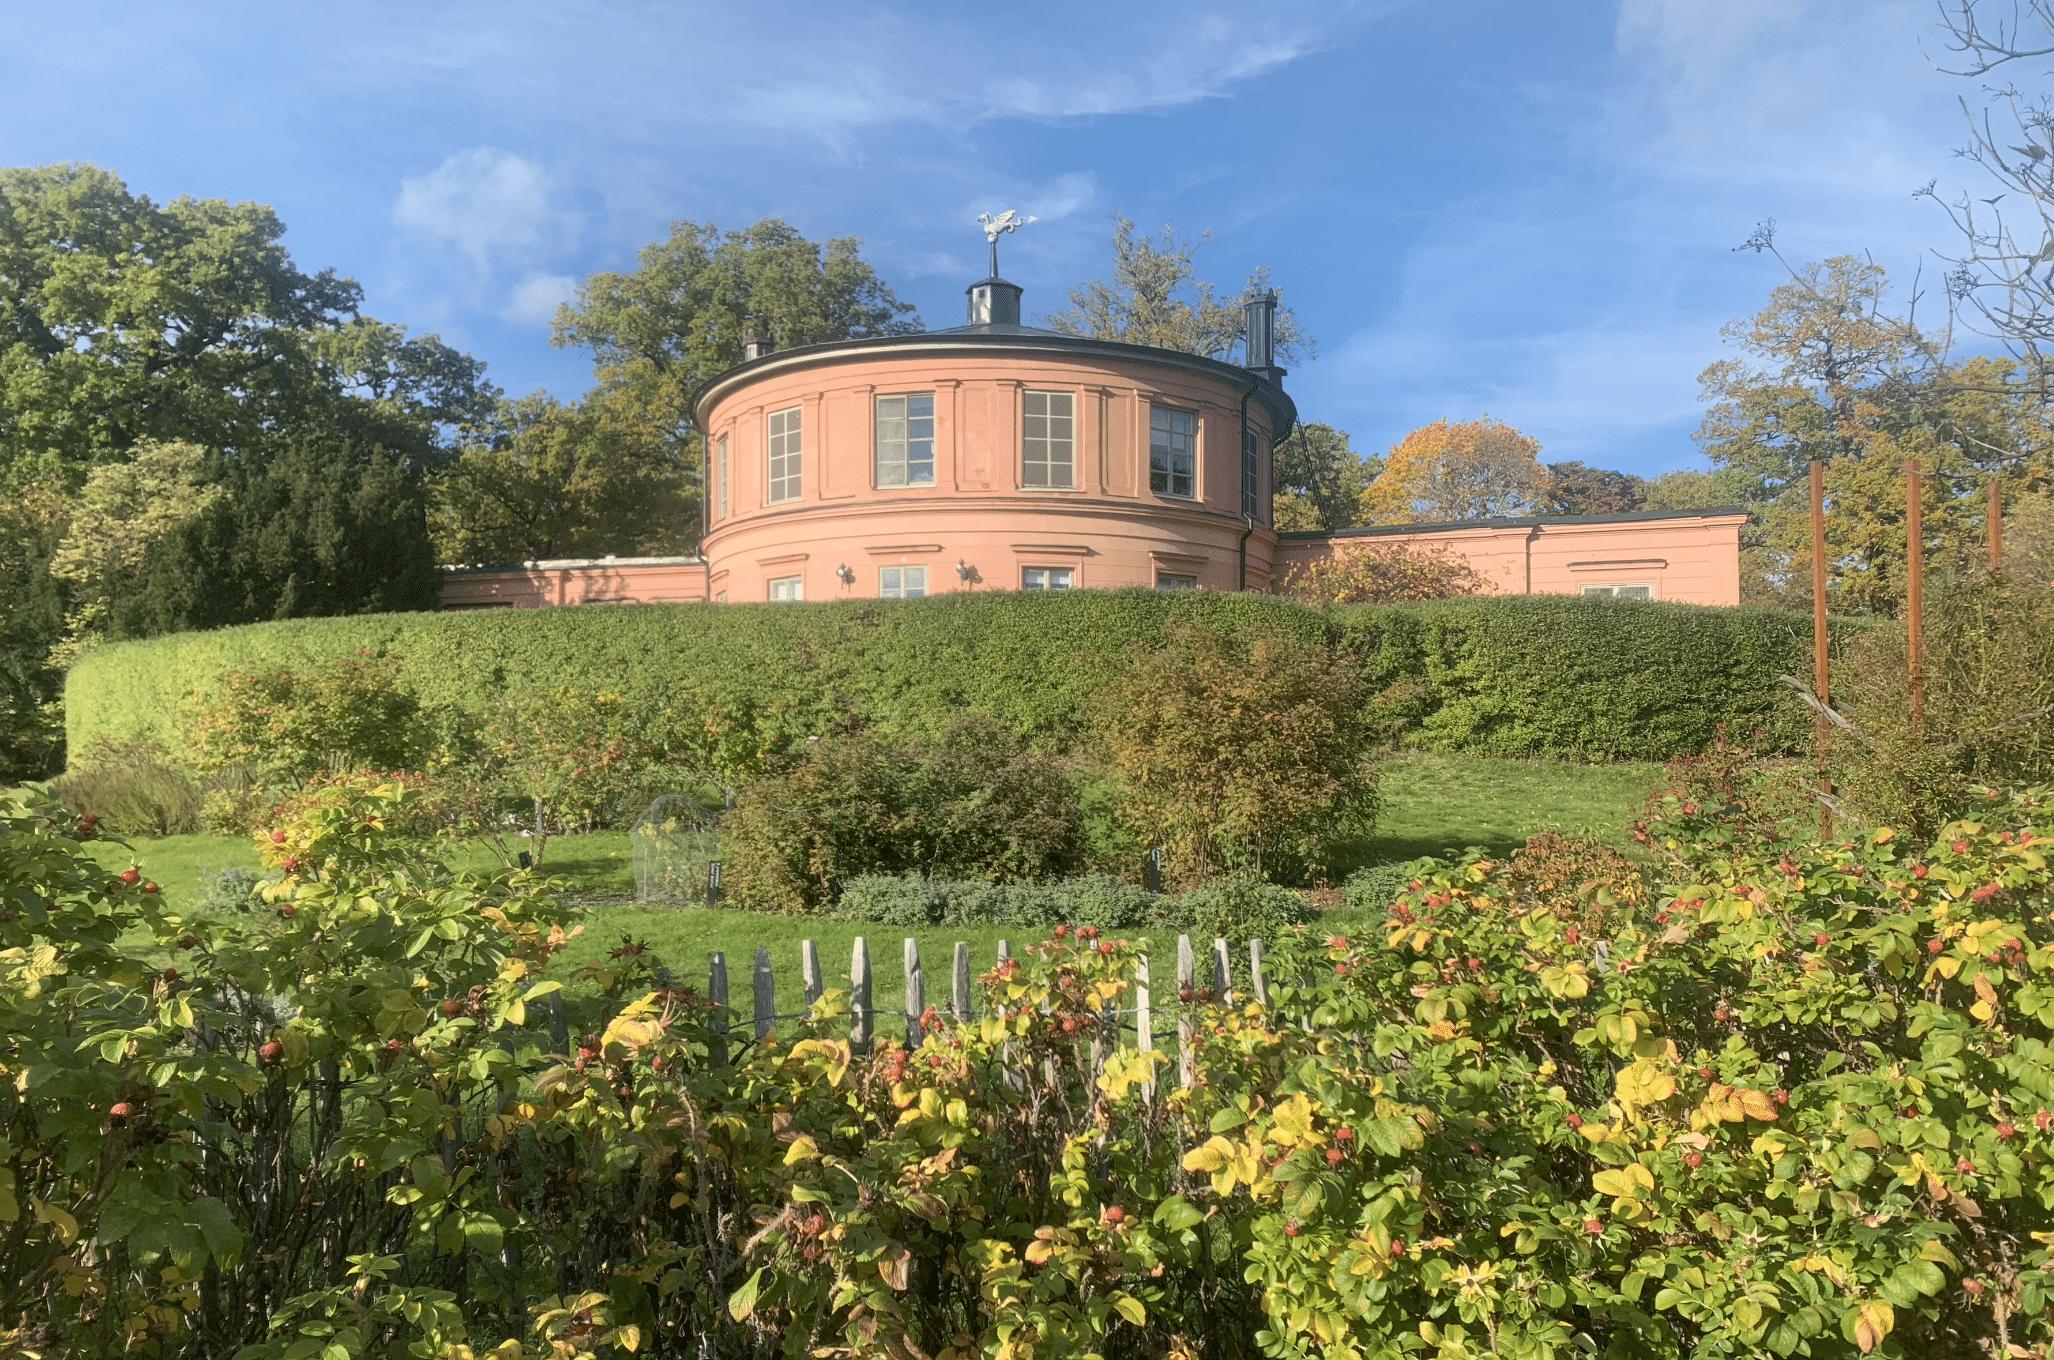 les jardins botaniques de djurgarden